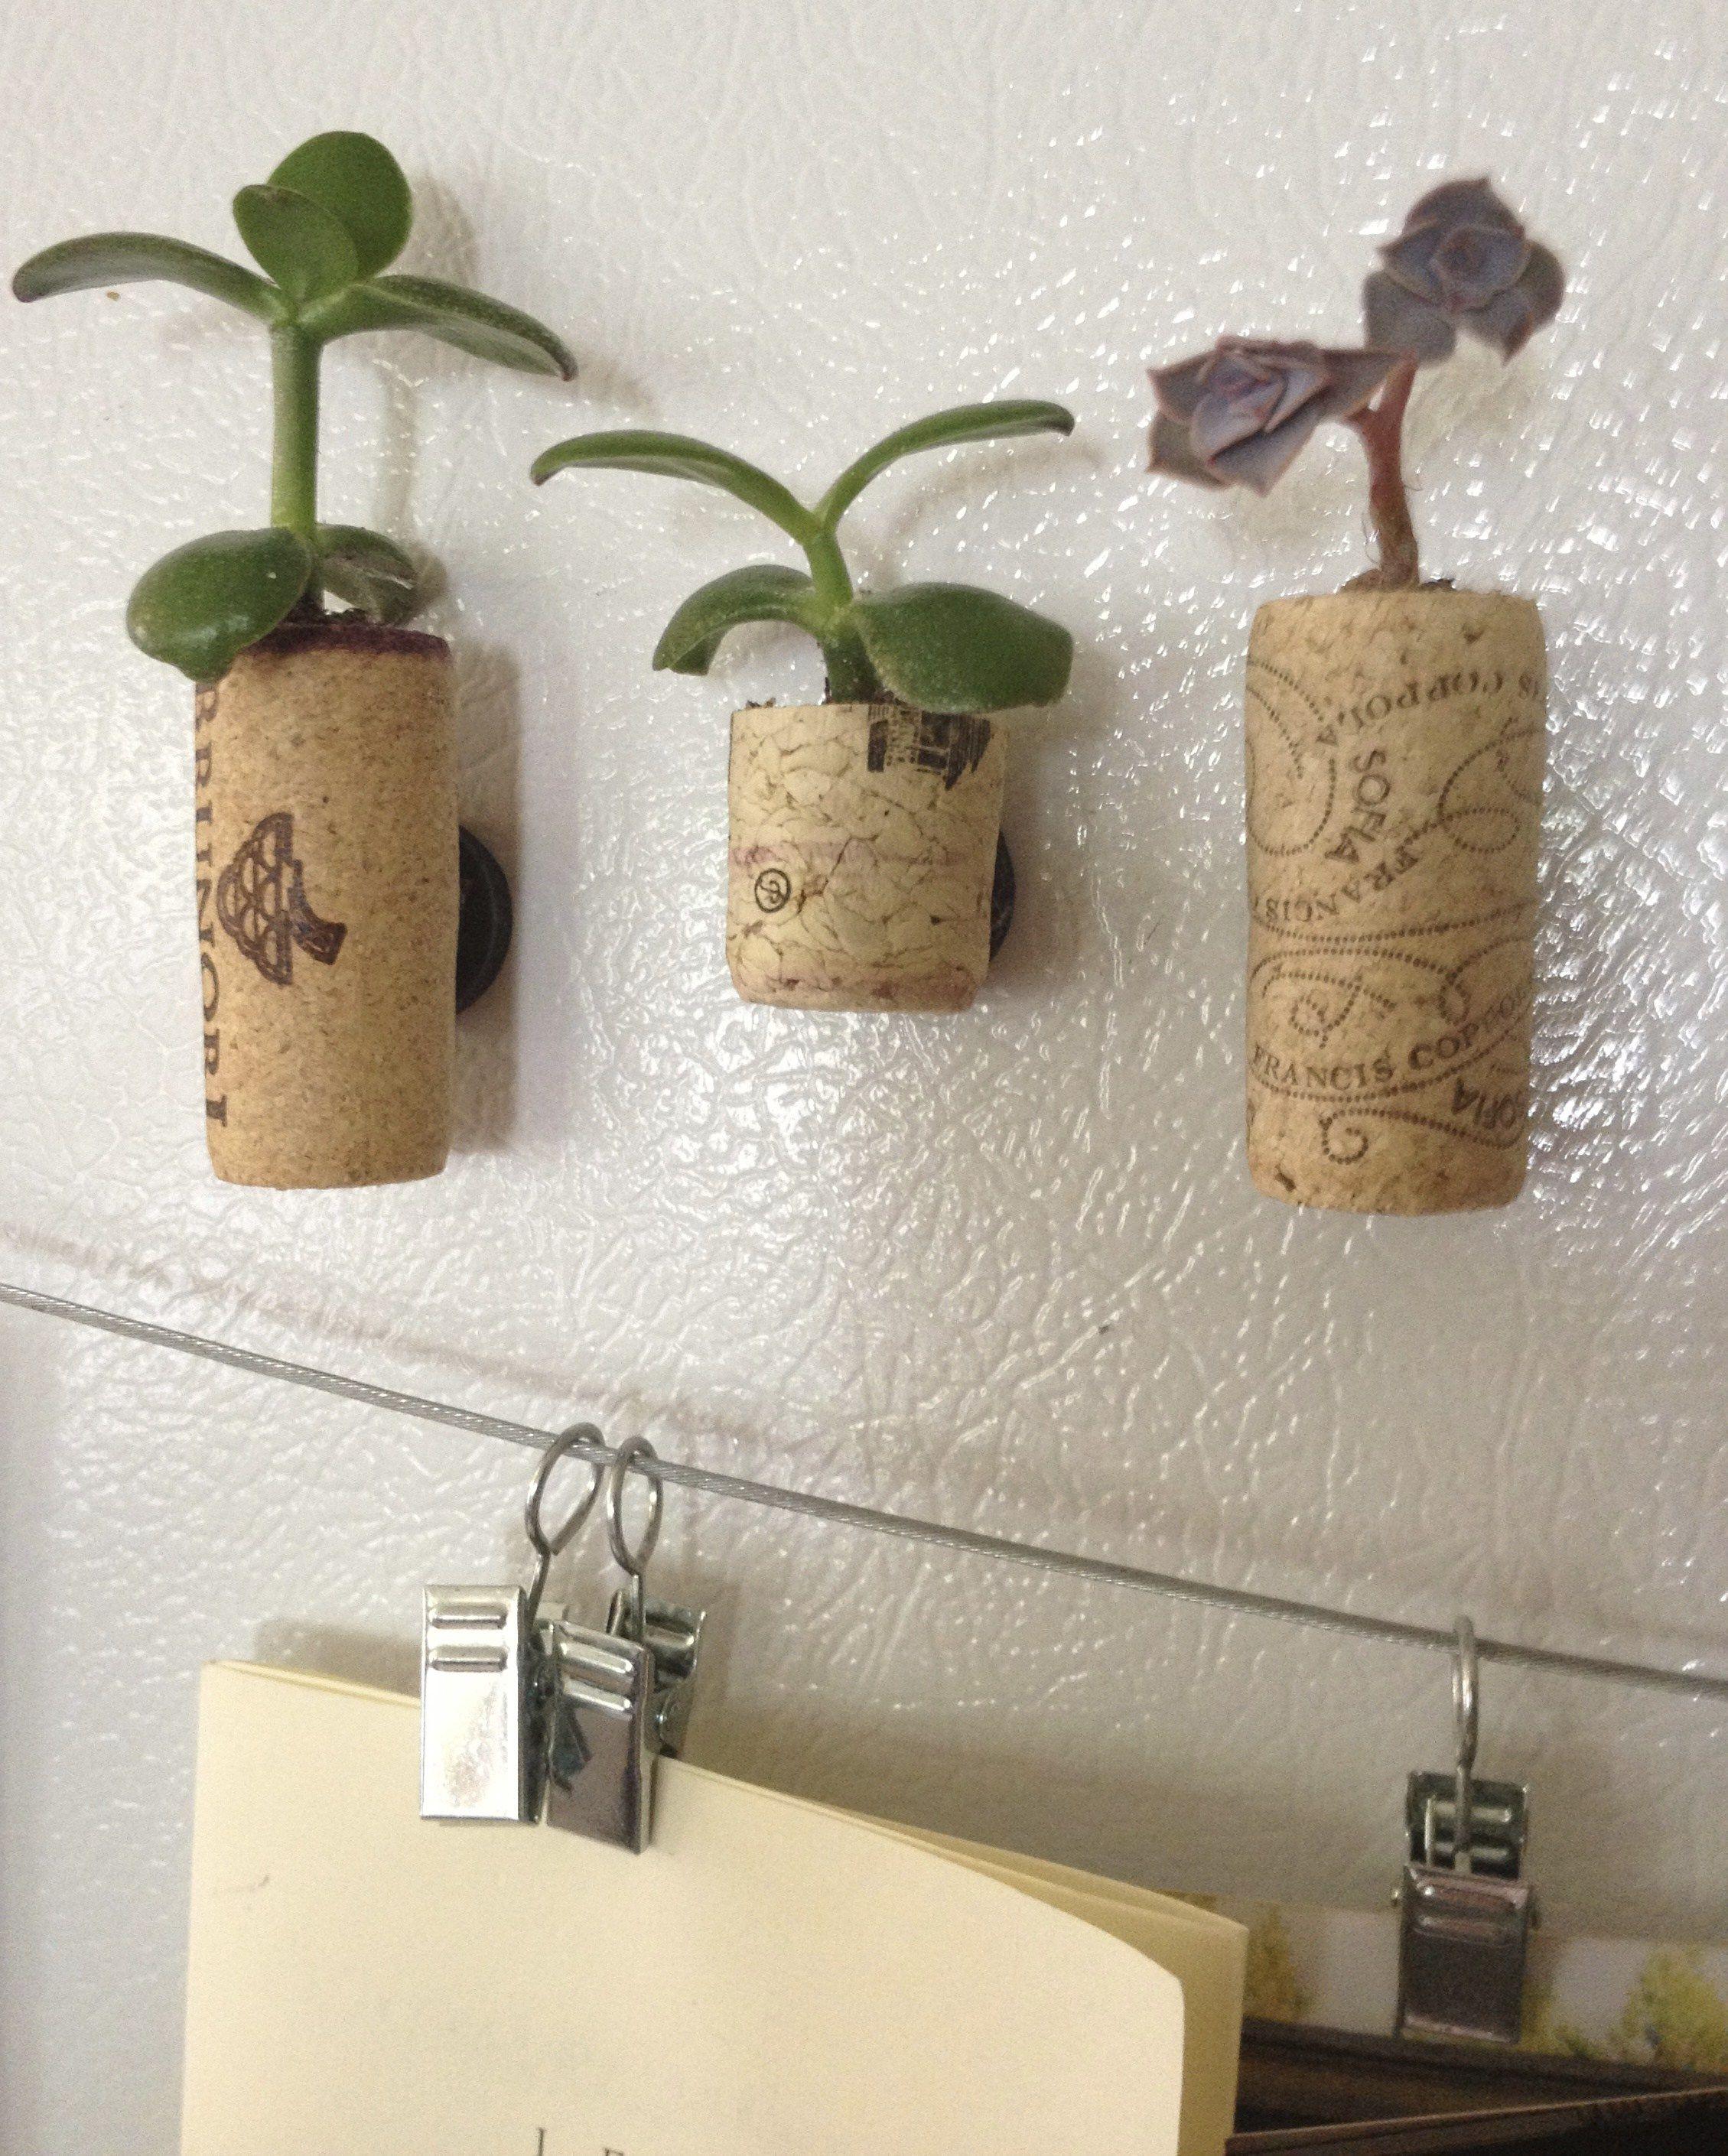 DIY magnetic cork succulent planters